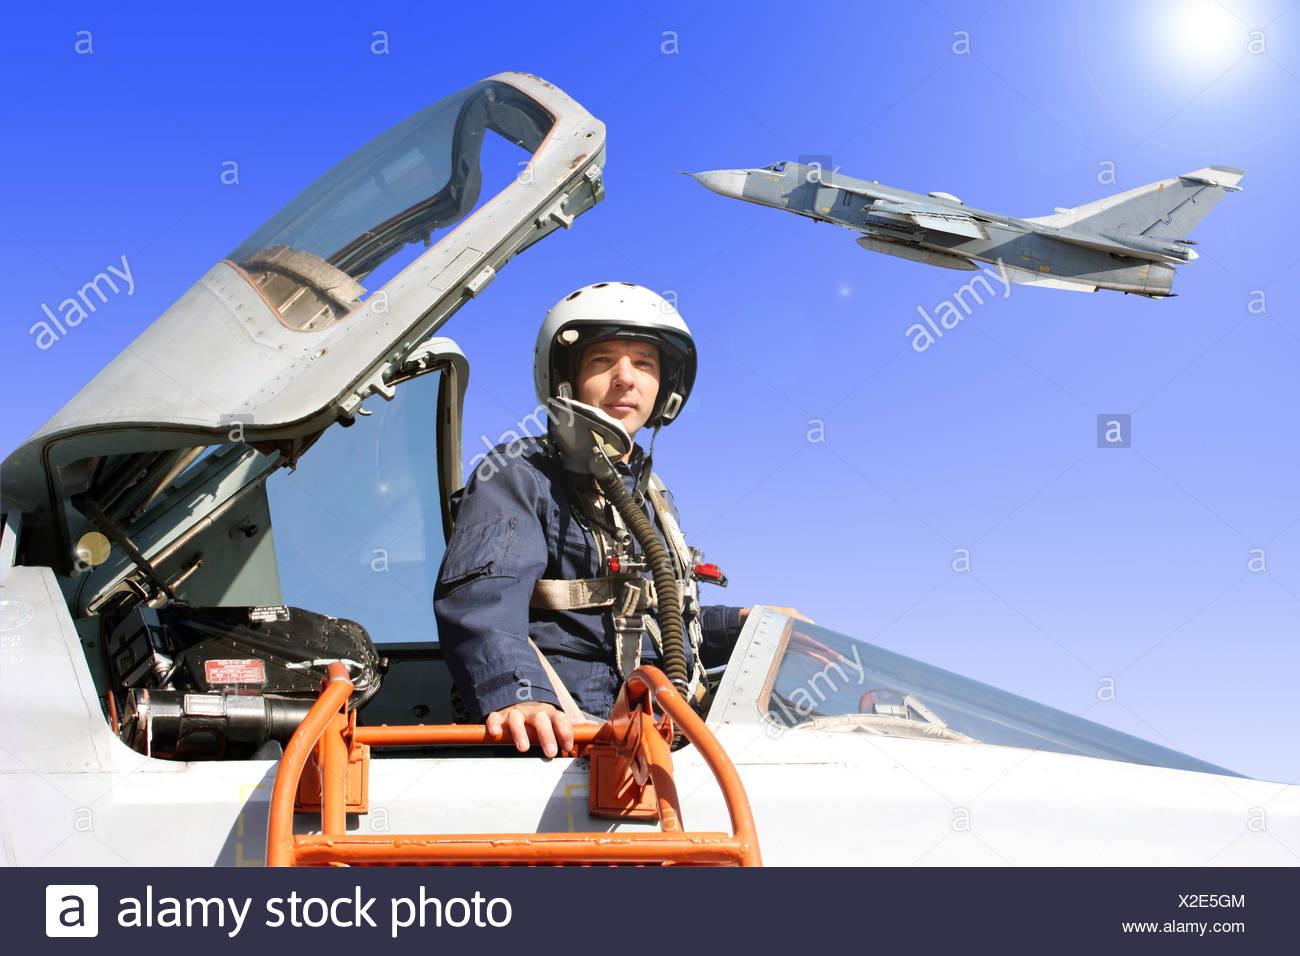 El piloto del avión militar Foto de stock